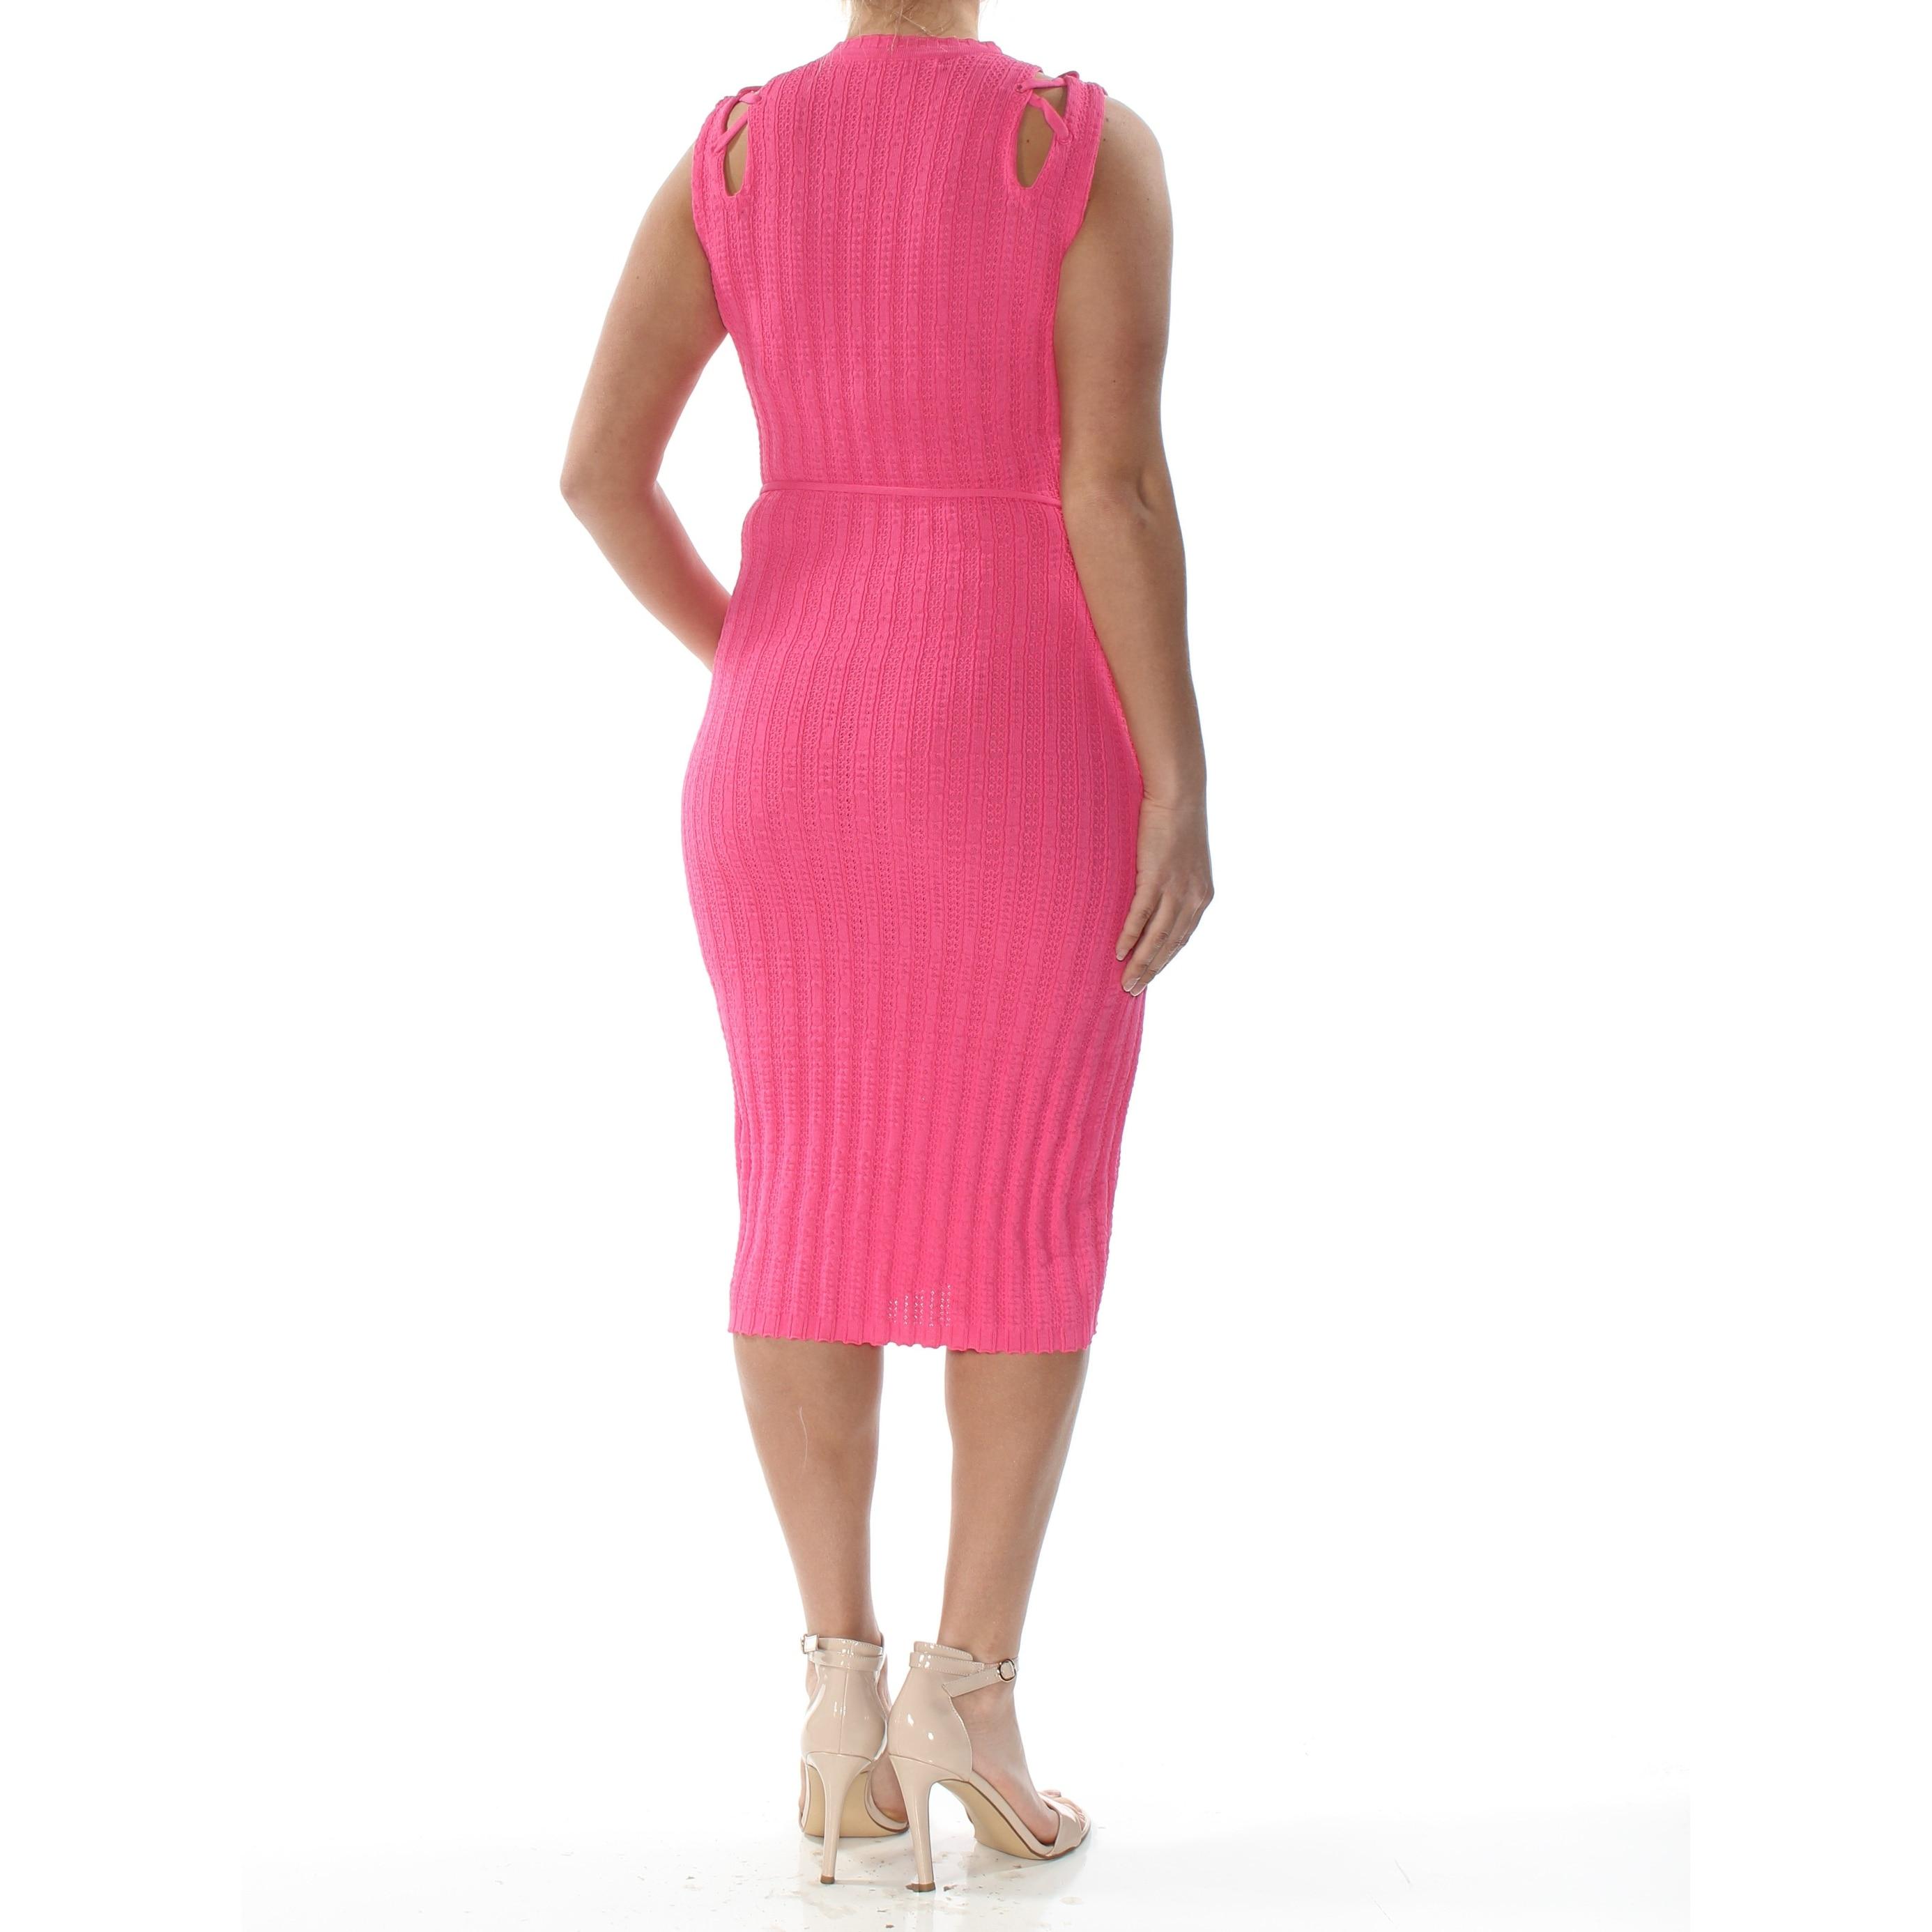 RACHEL Rachel Roy Women/'s Keyhole Sleeveless Dress